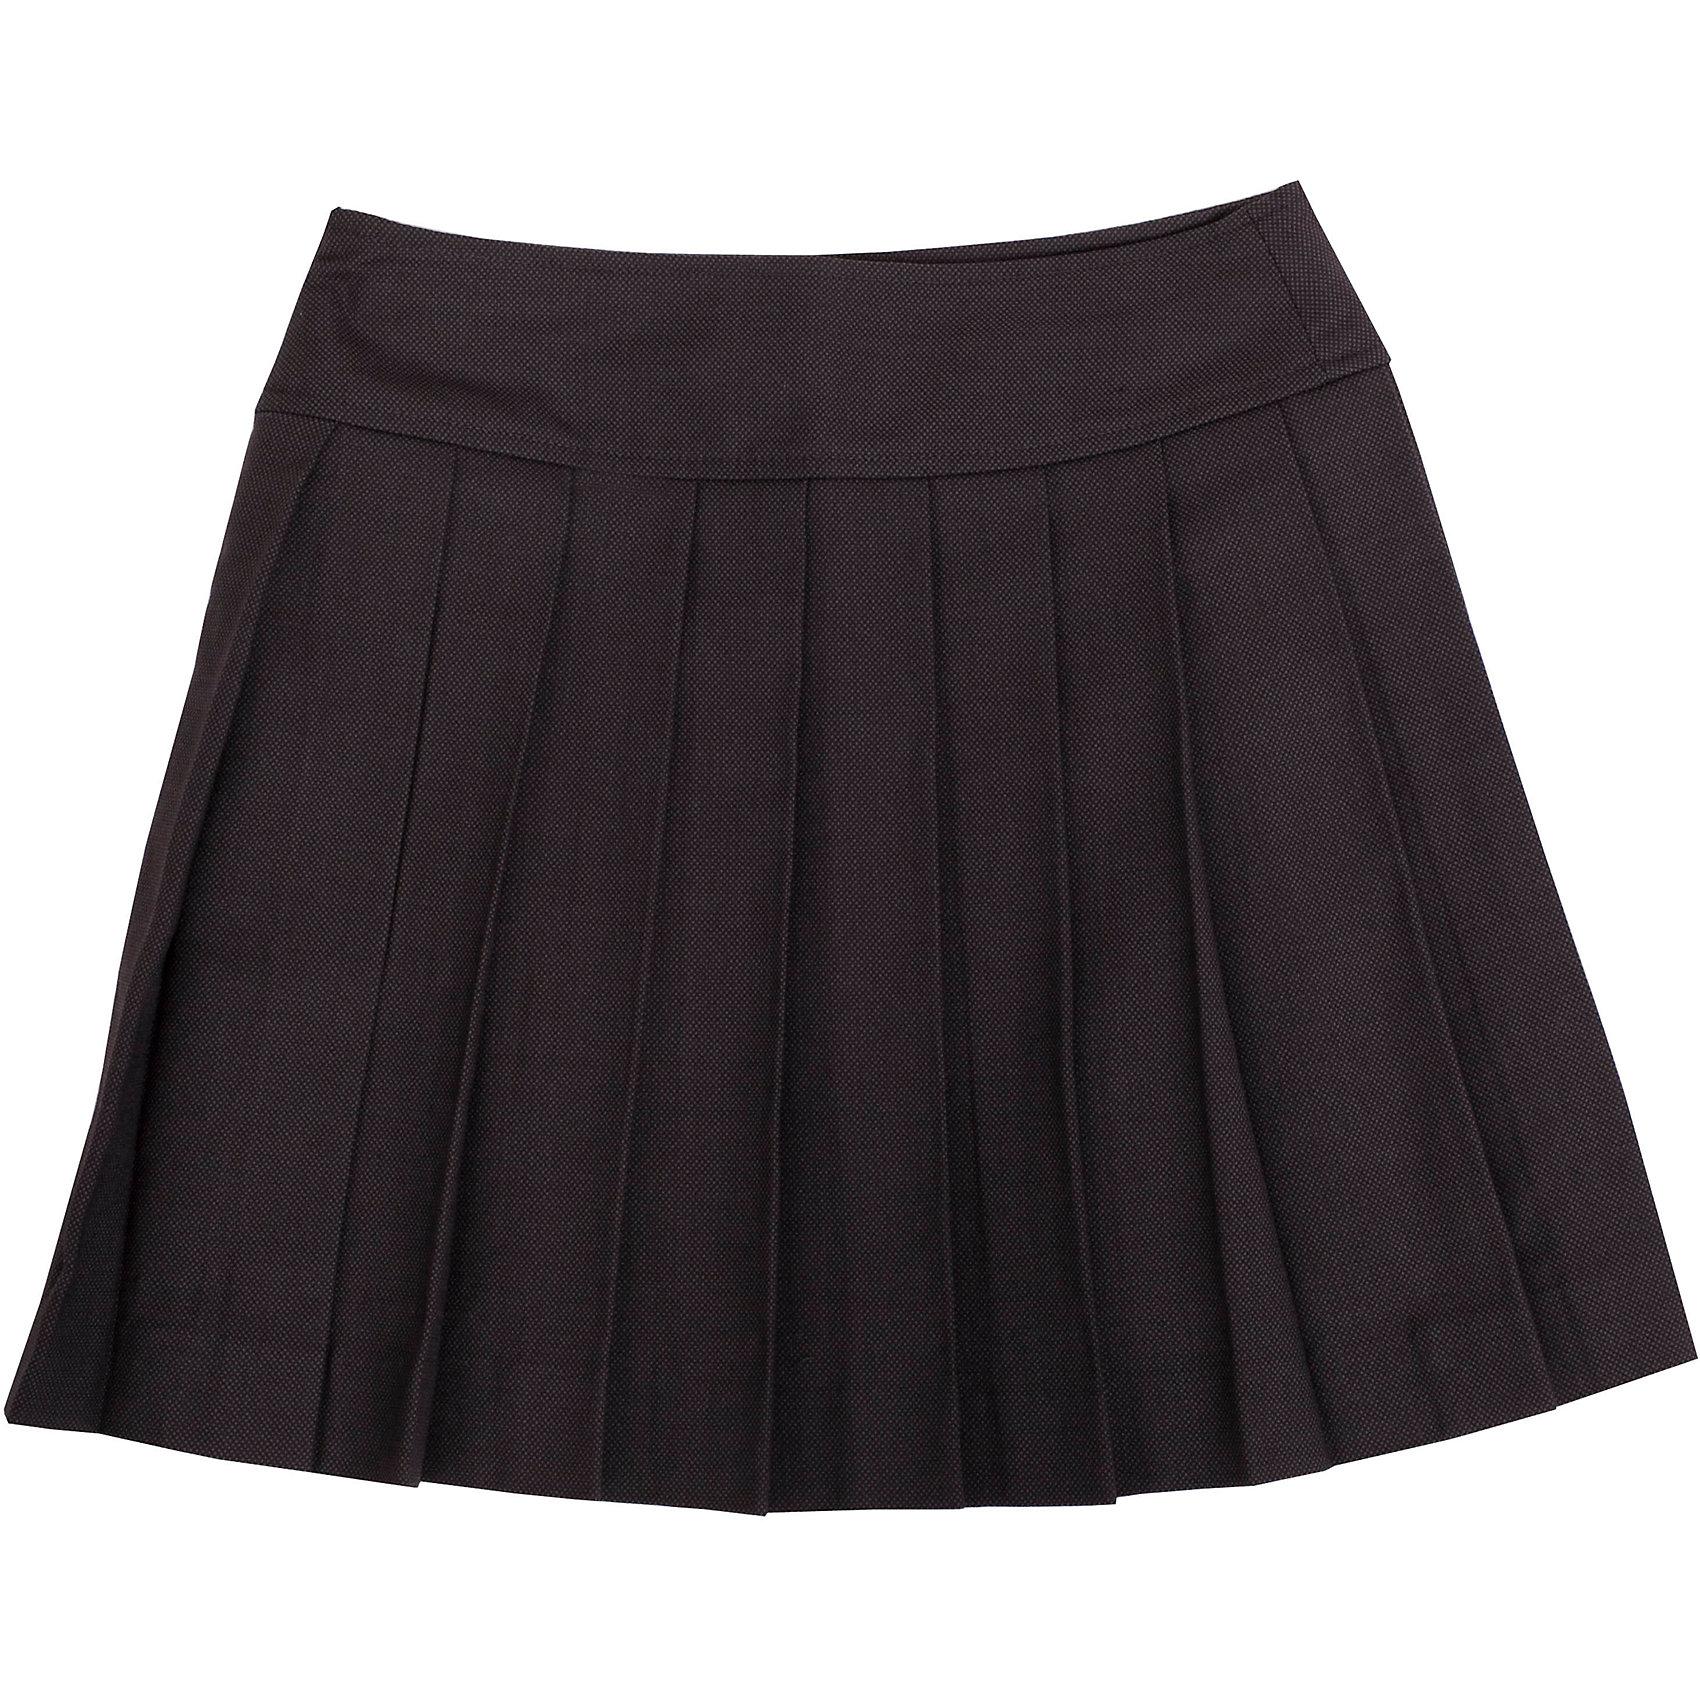 Юбка Gulliver для девочкиЮбки<br>Какие юбки для девочек школьные правила позволяют считать лучшими в гардеробе ученицы? Прямые, трапециевидные, баллонообразные... При всем богатстве выбора, строгая и элегантная классика, юбка в складку, всегда выглядит изящно и стильно. Эта модель вне времени и вне моды! Именно такими и должны быть юбки для школы - красивыми и удобными, прекрасно сочетающимися с любым верхом. Хороший состав и качество ткани обеспечивает юбке достойный  внешний вид, долговечность и неприхотливость в уходе. Асимметричная застежка придает модели индивидуальные черты, делая ее интересной и выразительной.<br>Состав:<br>тк. верха: 65% полиэстер, 23% вискоза, 10% шерсть, 2% эластан подкл.: 100% полиэстер<br><br>Ширина мм: 207<br>Глубина мм: 10<br>Высота мм: 189<br>Вес г: 183<br>Цвет: серый<br>Возраст от месяцев: 108<br>Возраст до месяцев: 120<br>Пол: Женский<br>Возраст: Детский<br>Размер: 140,122,128,134<br>SKU: 7030046